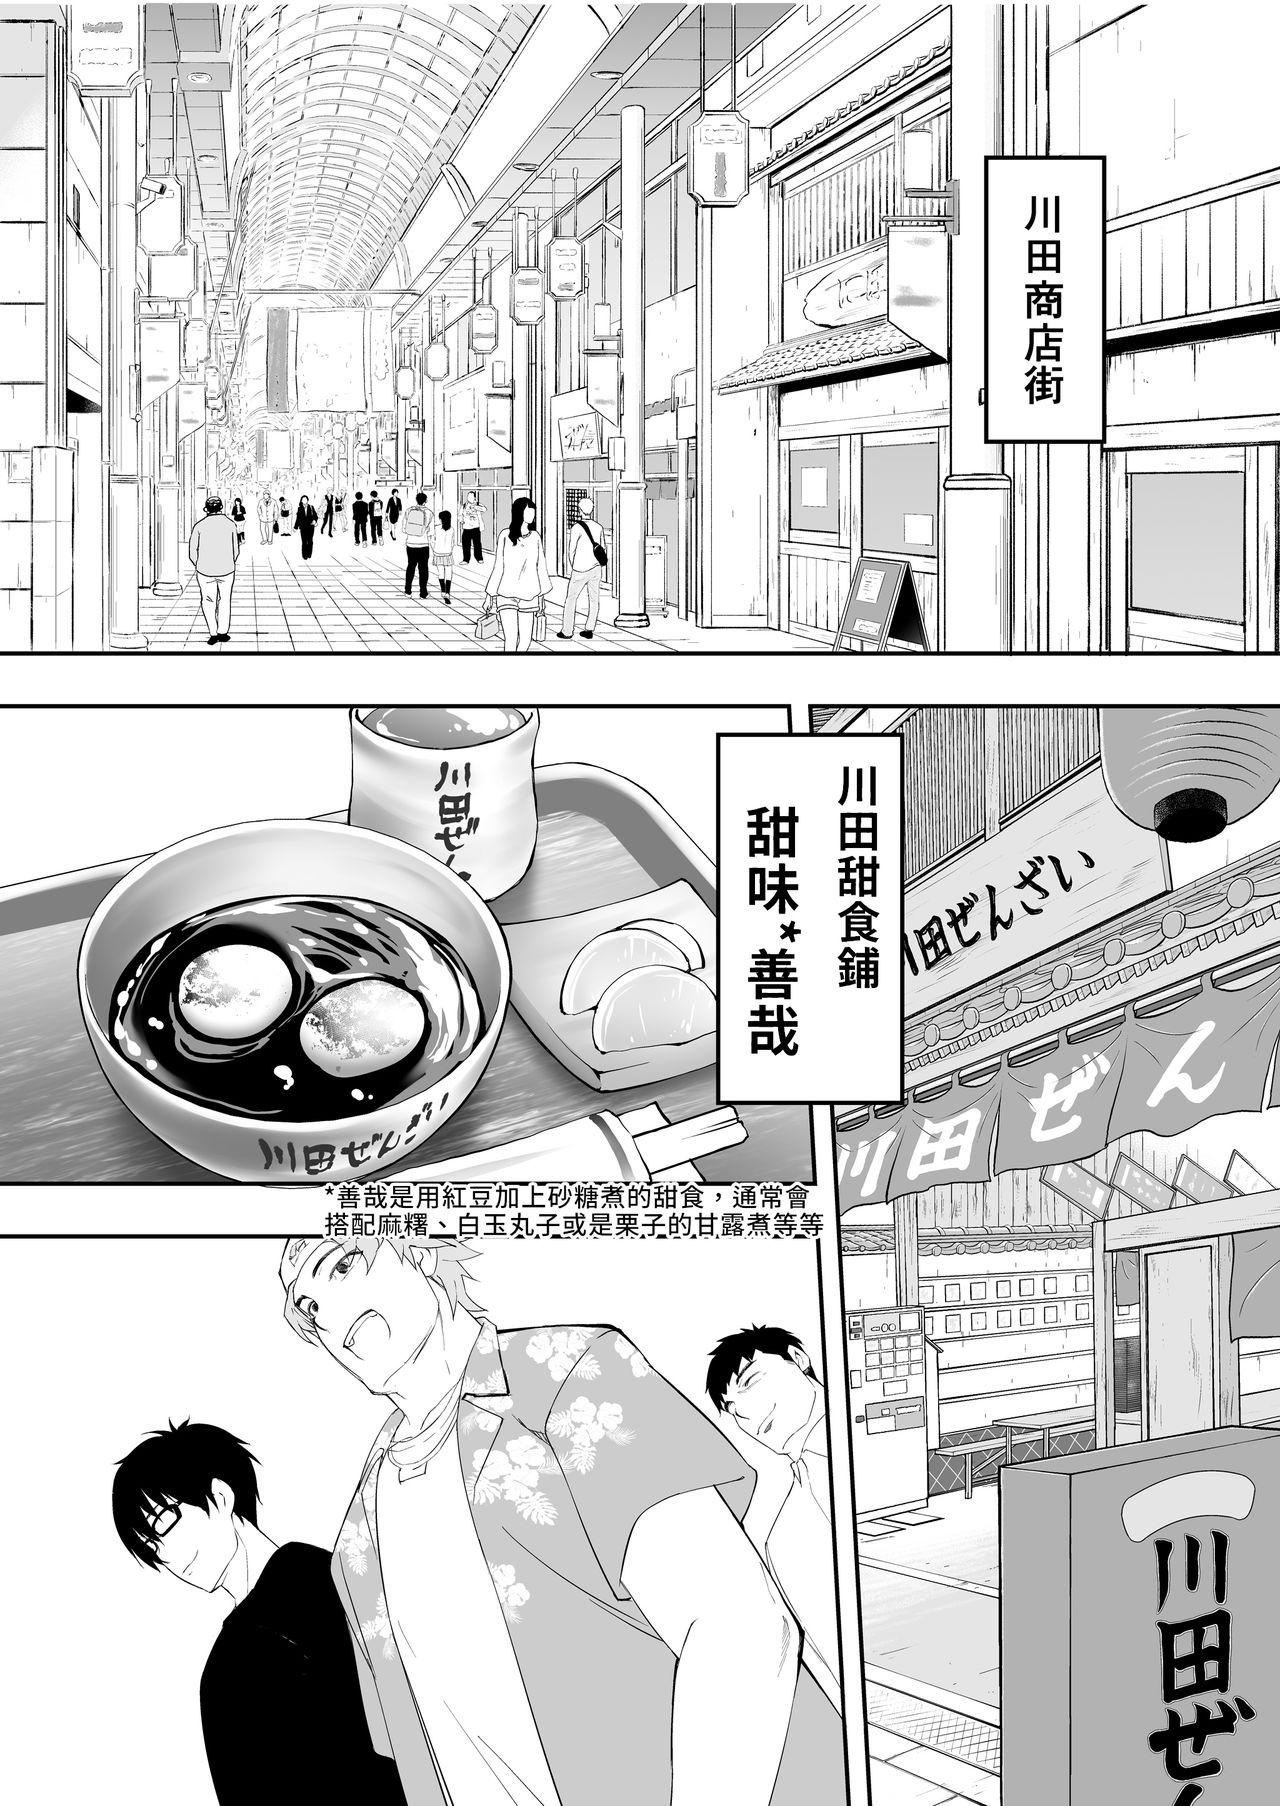 Panpan Travelers Hakata Shuudan Rape Ryokou | 吃飯兼炒飯TRAVELERS~博多集團強●旅行 23